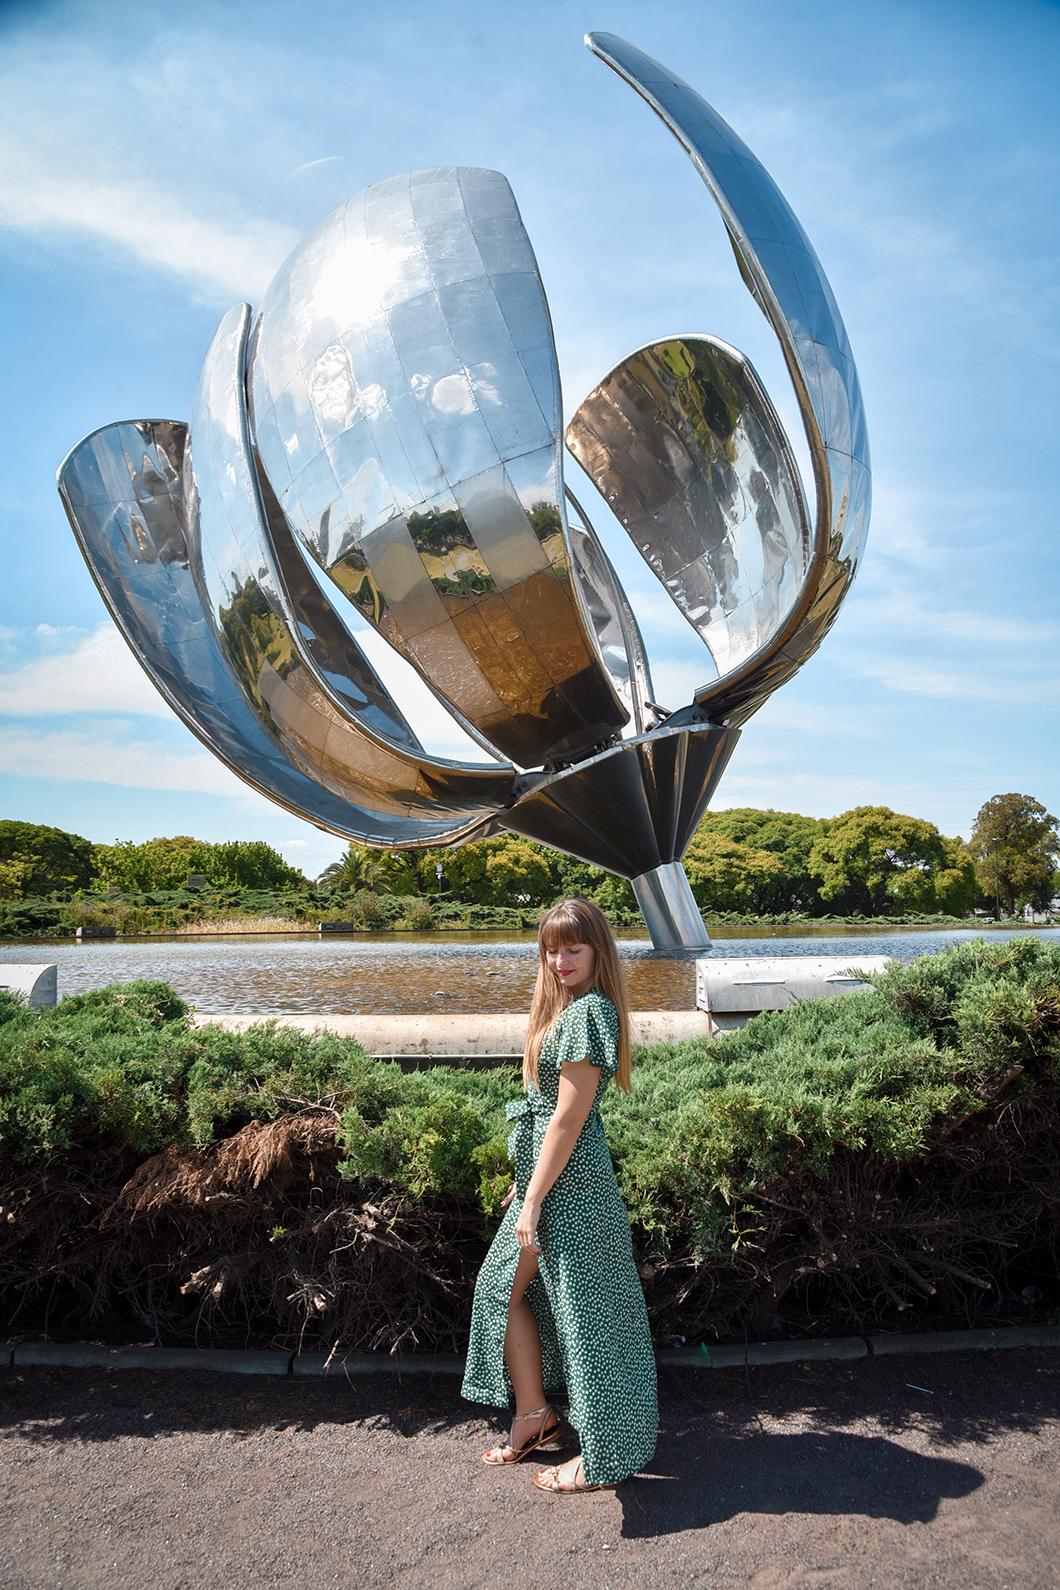 Floralis Genérica, sculpture de fleurs à Buenos Aires